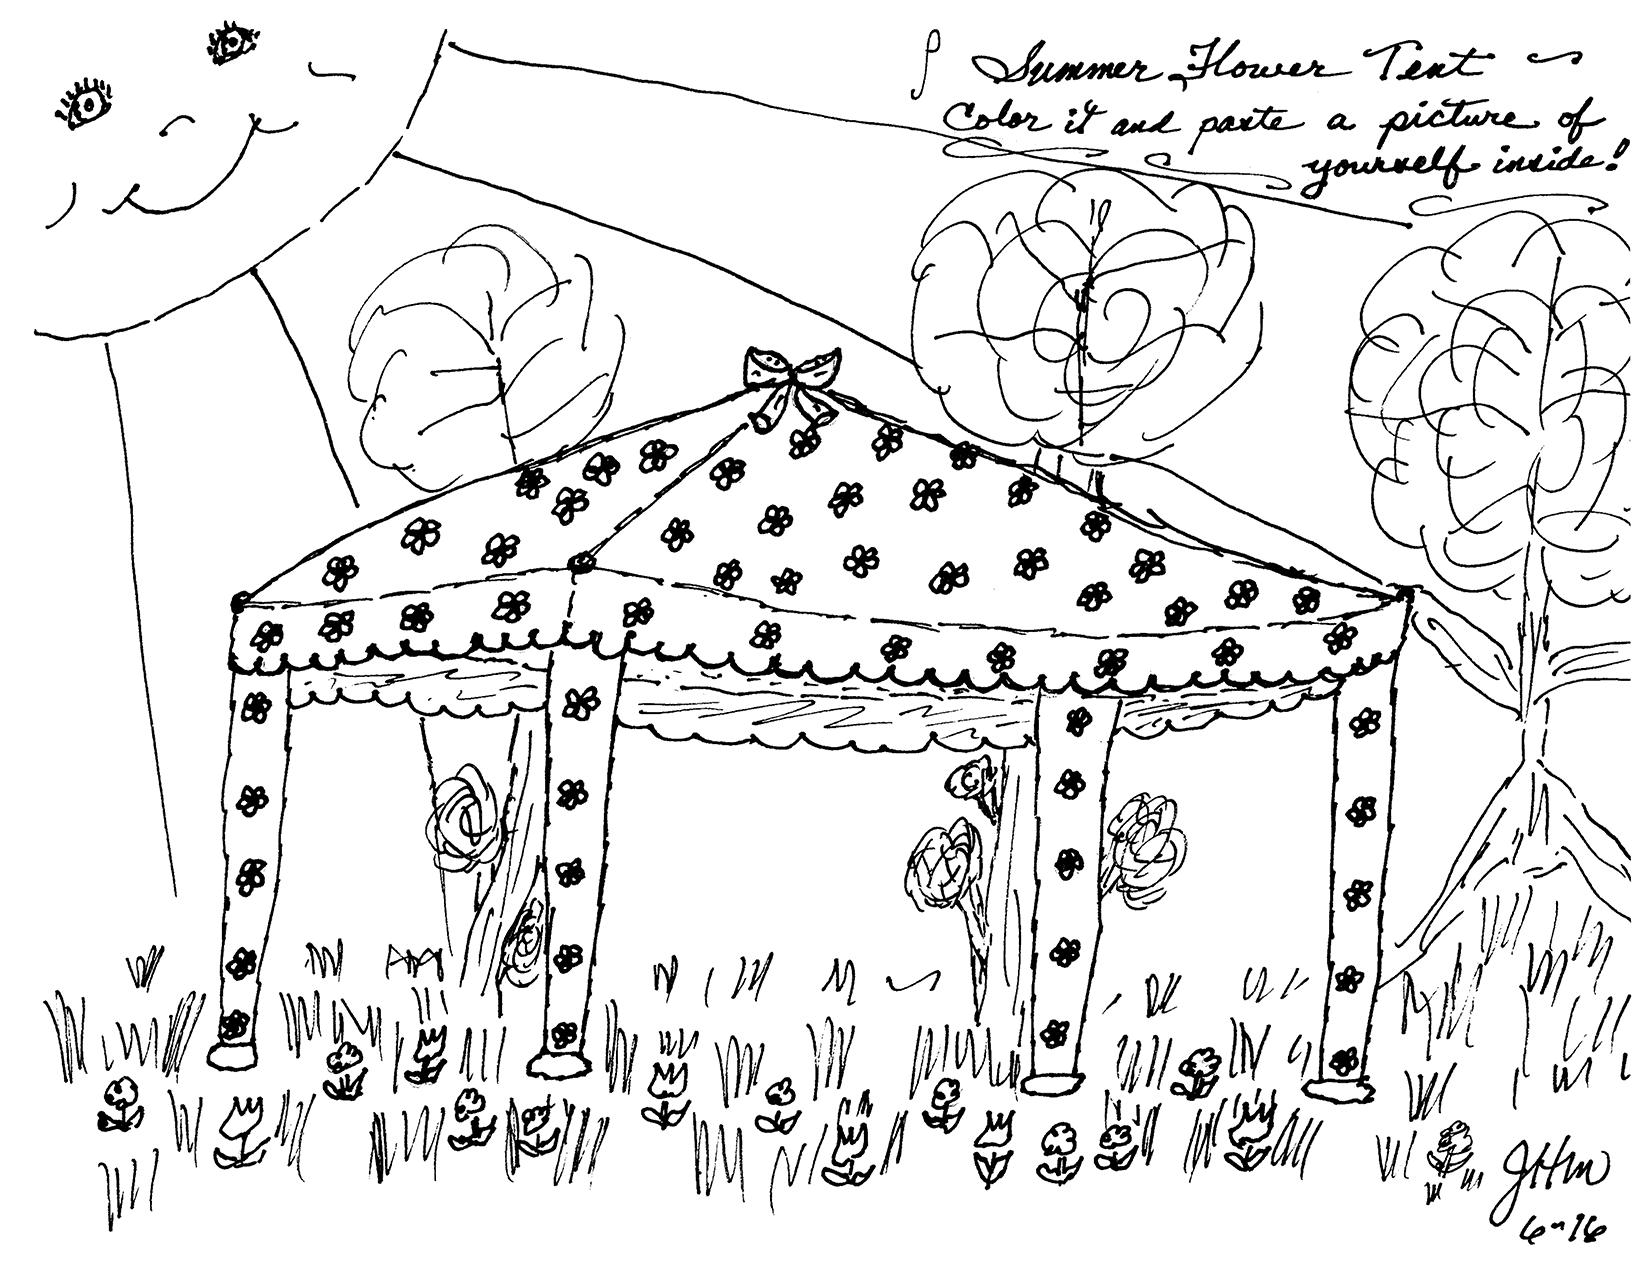 Summer Flower Tent